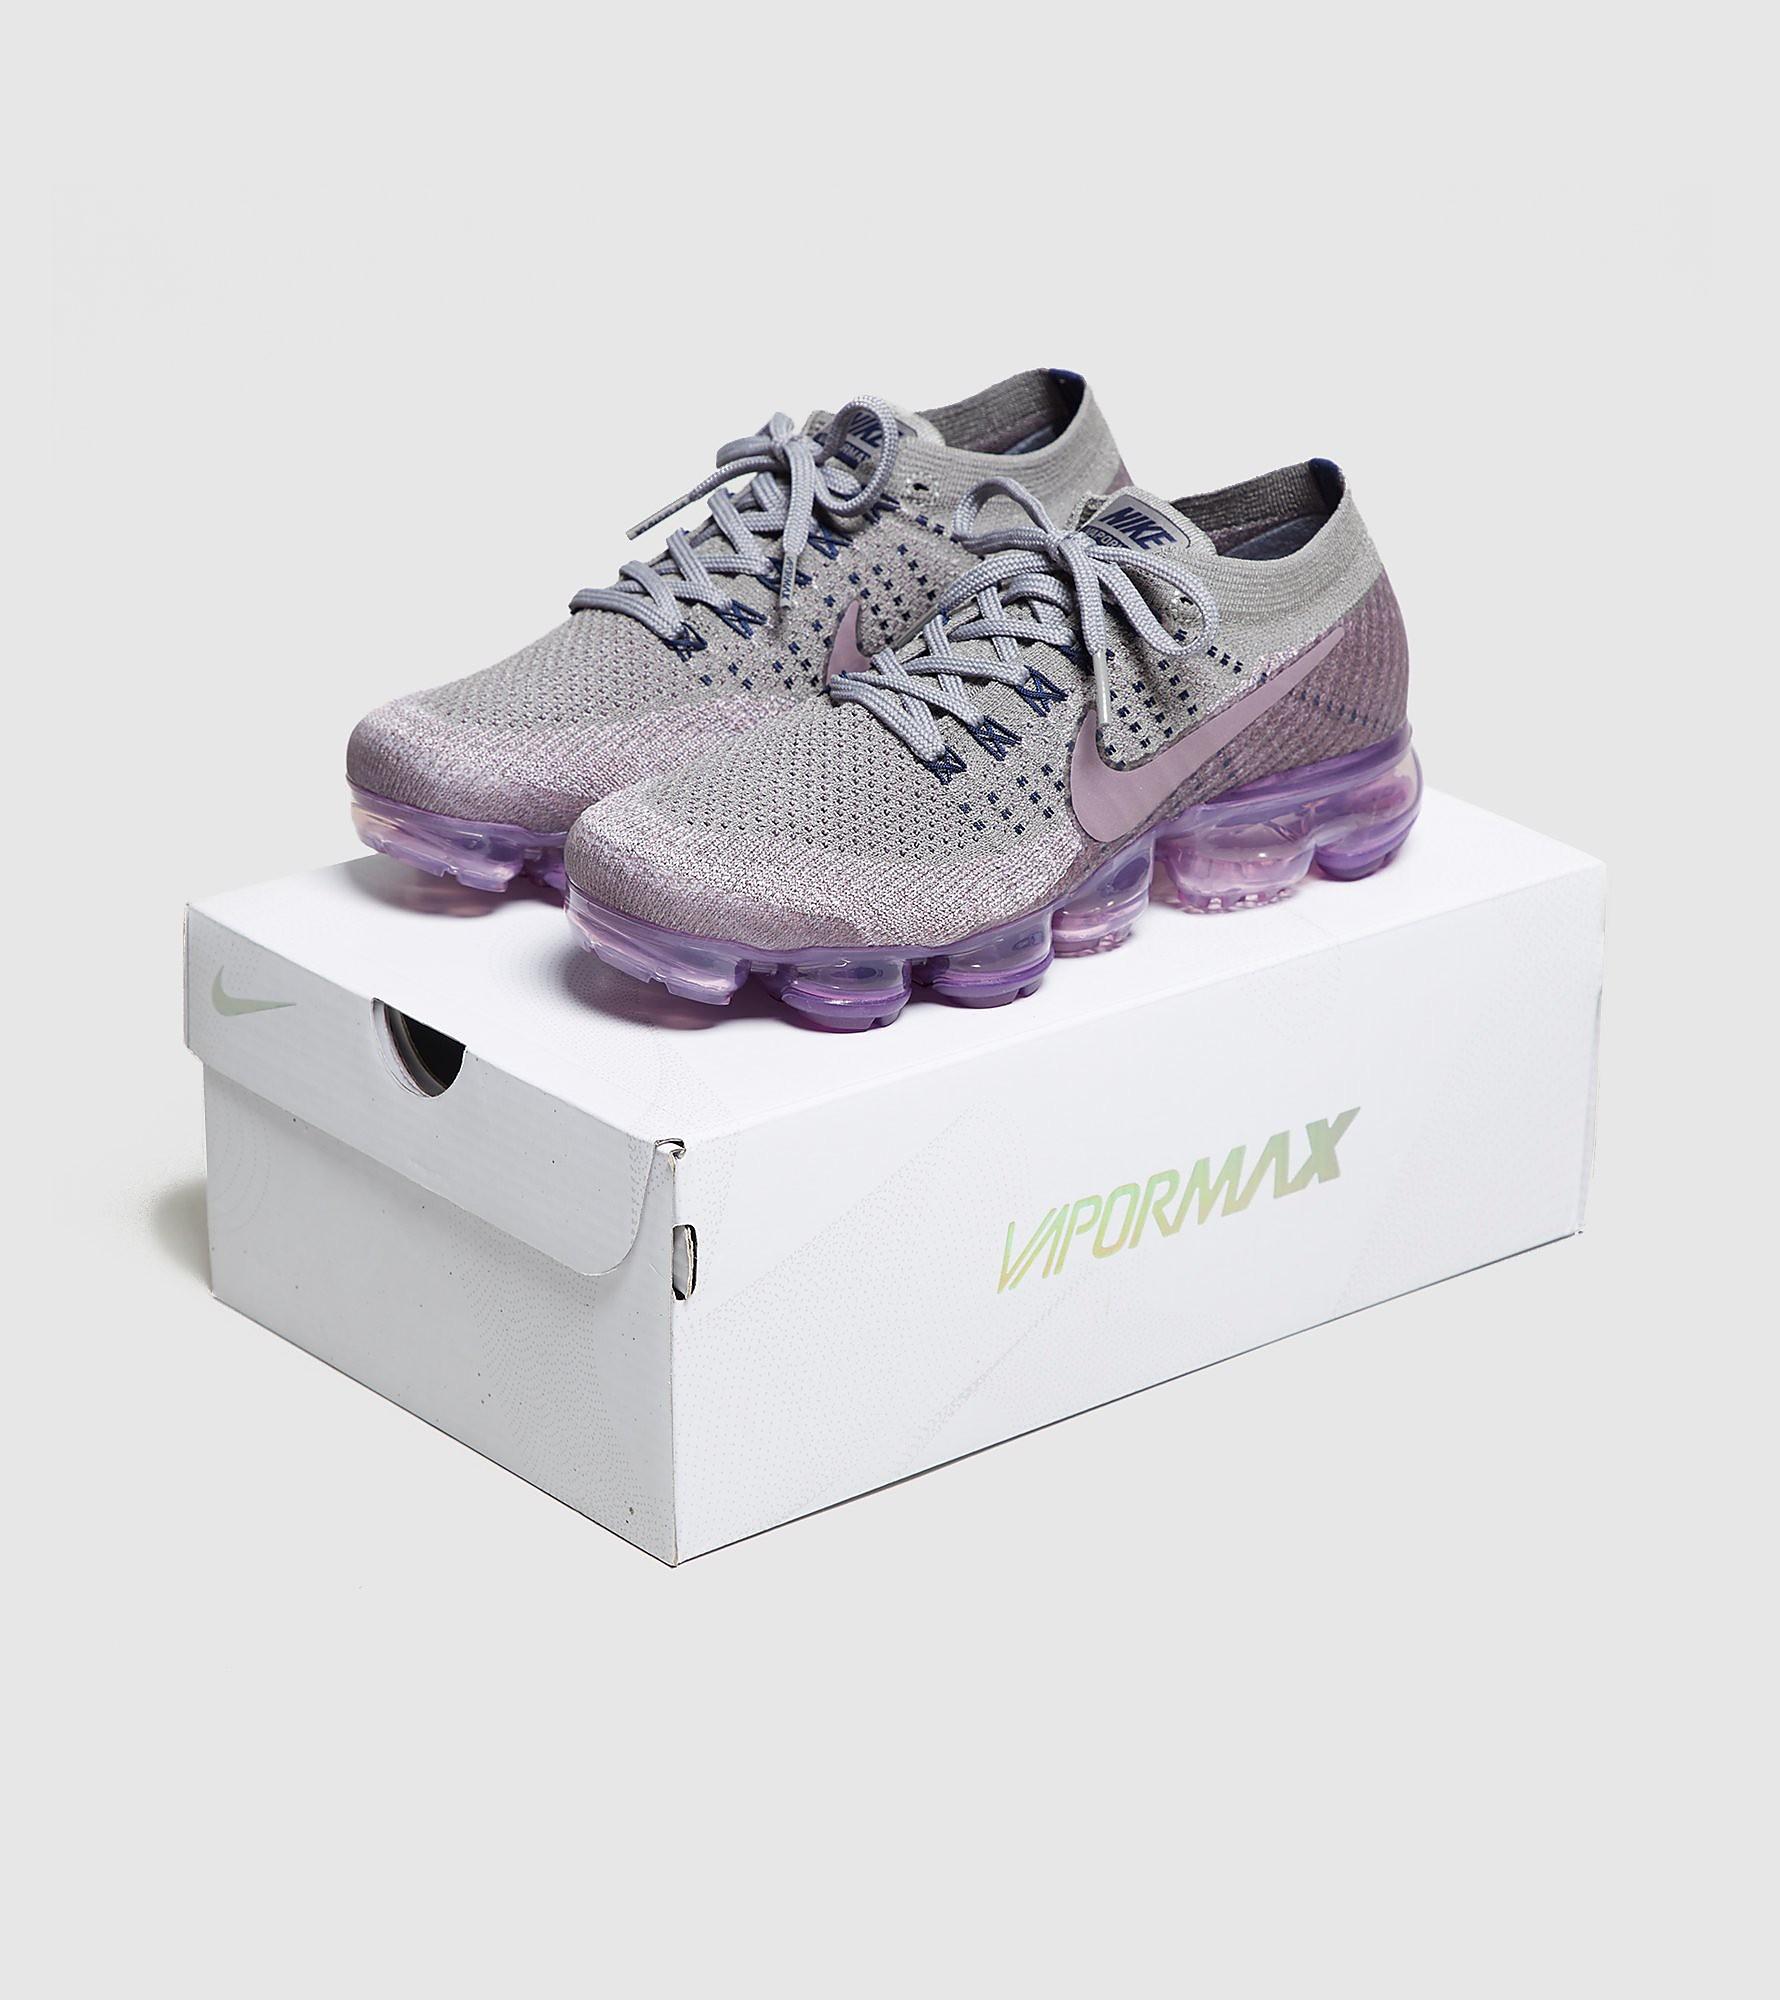 Nike Vapormax Women's